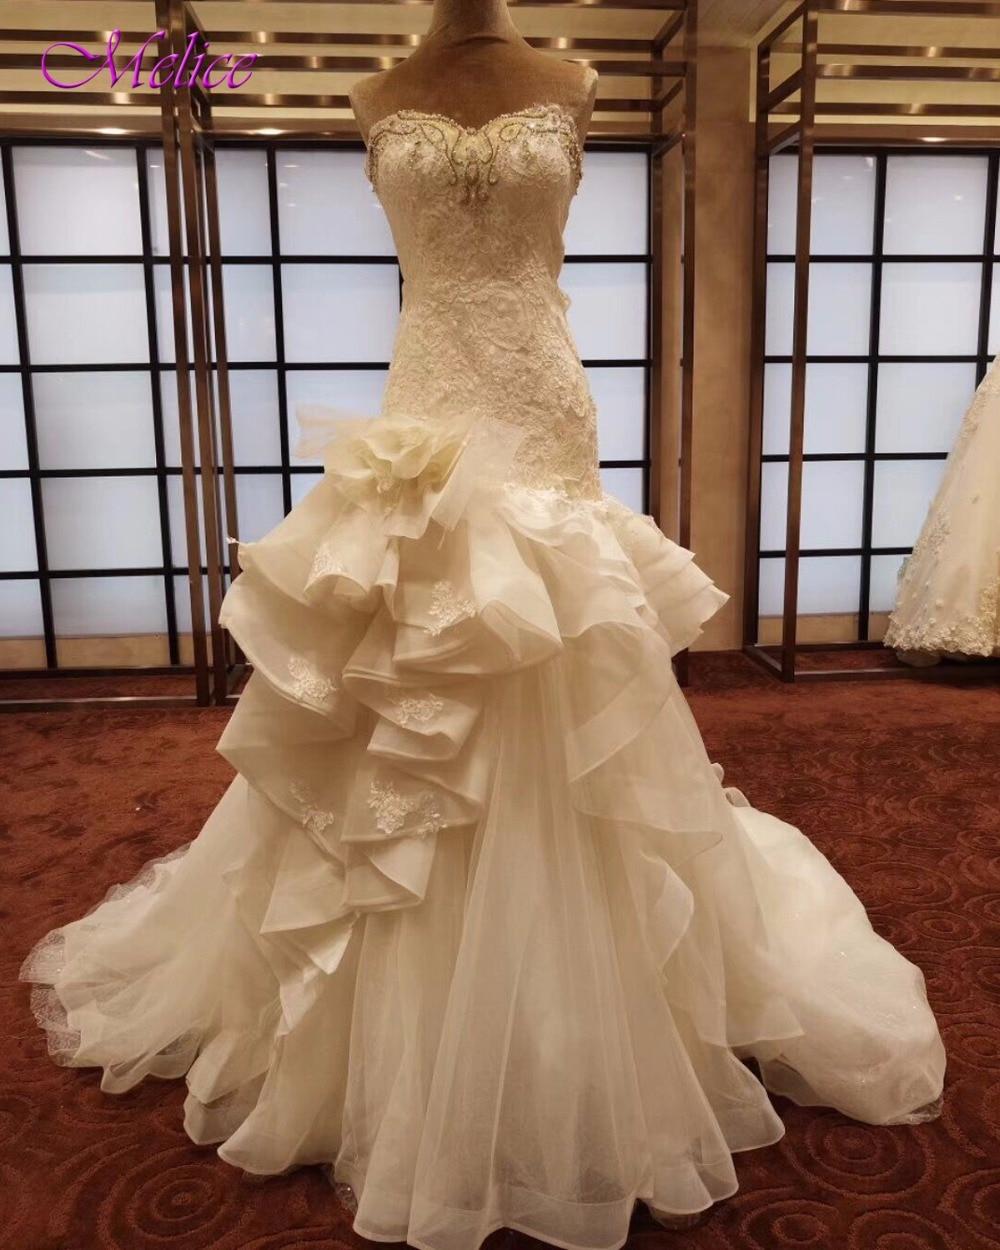 Strapless Mermaid Wedding Gown: Aliexpress.com : Buy Fmogl New Luxury Beaded Strapless